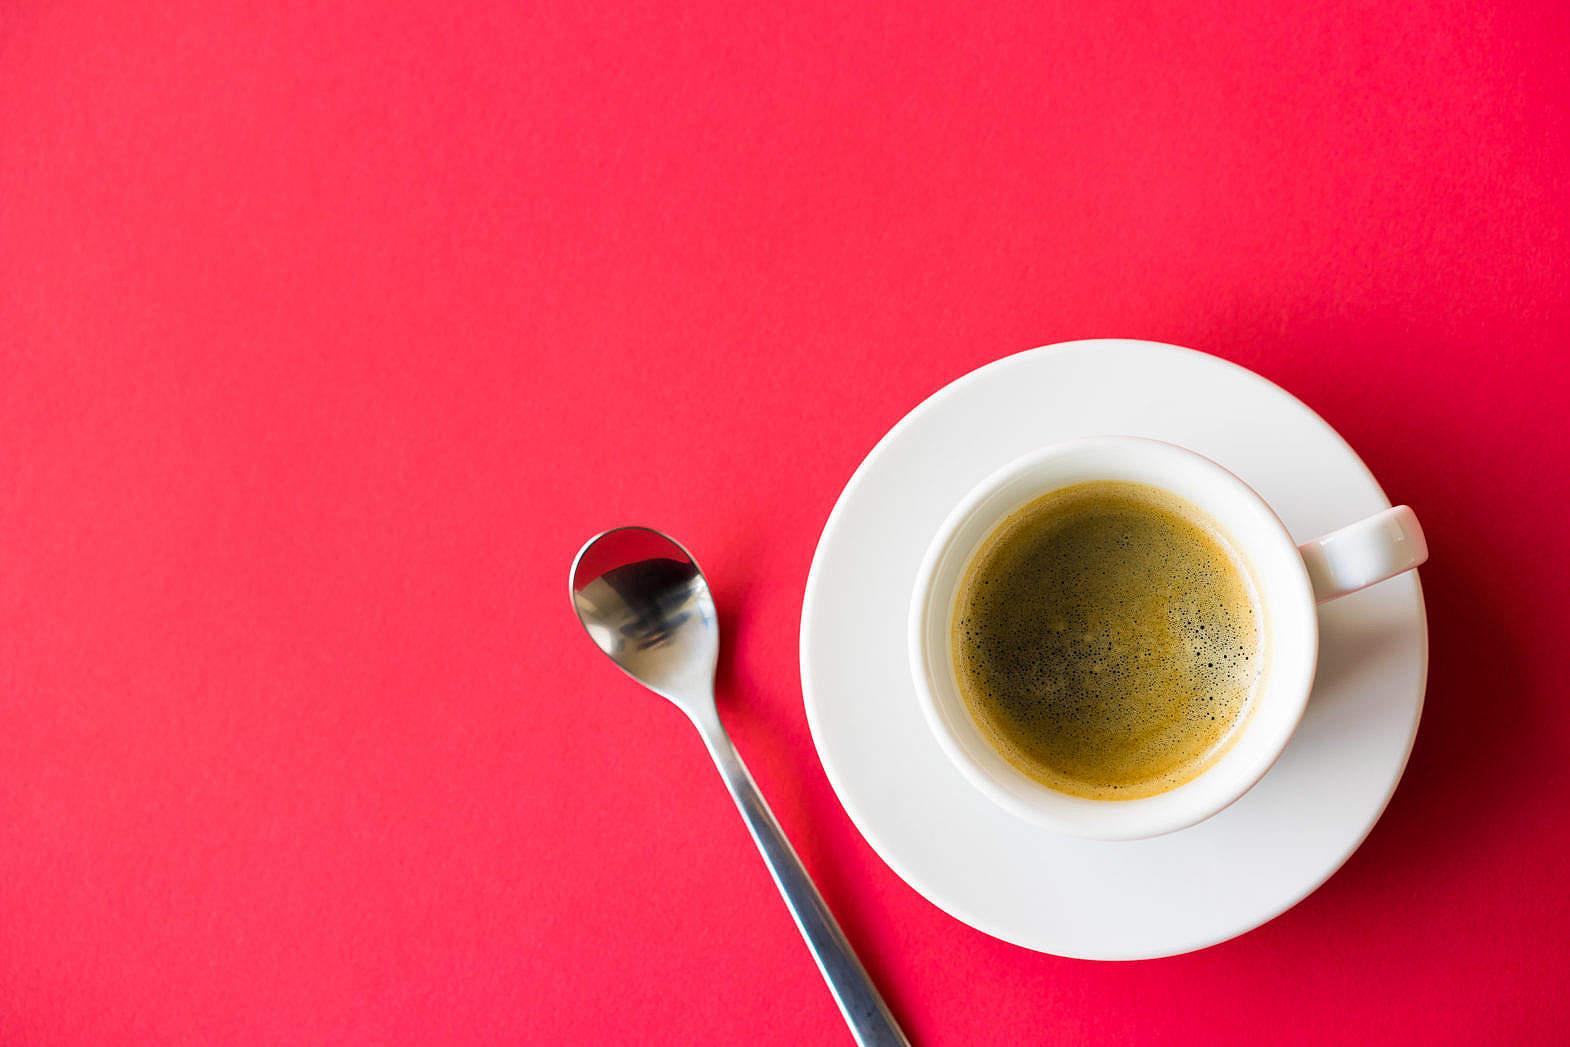 酒吧,咖啡,咖啡杯,饮料,俱乐部,红色, 餐饮-第1张